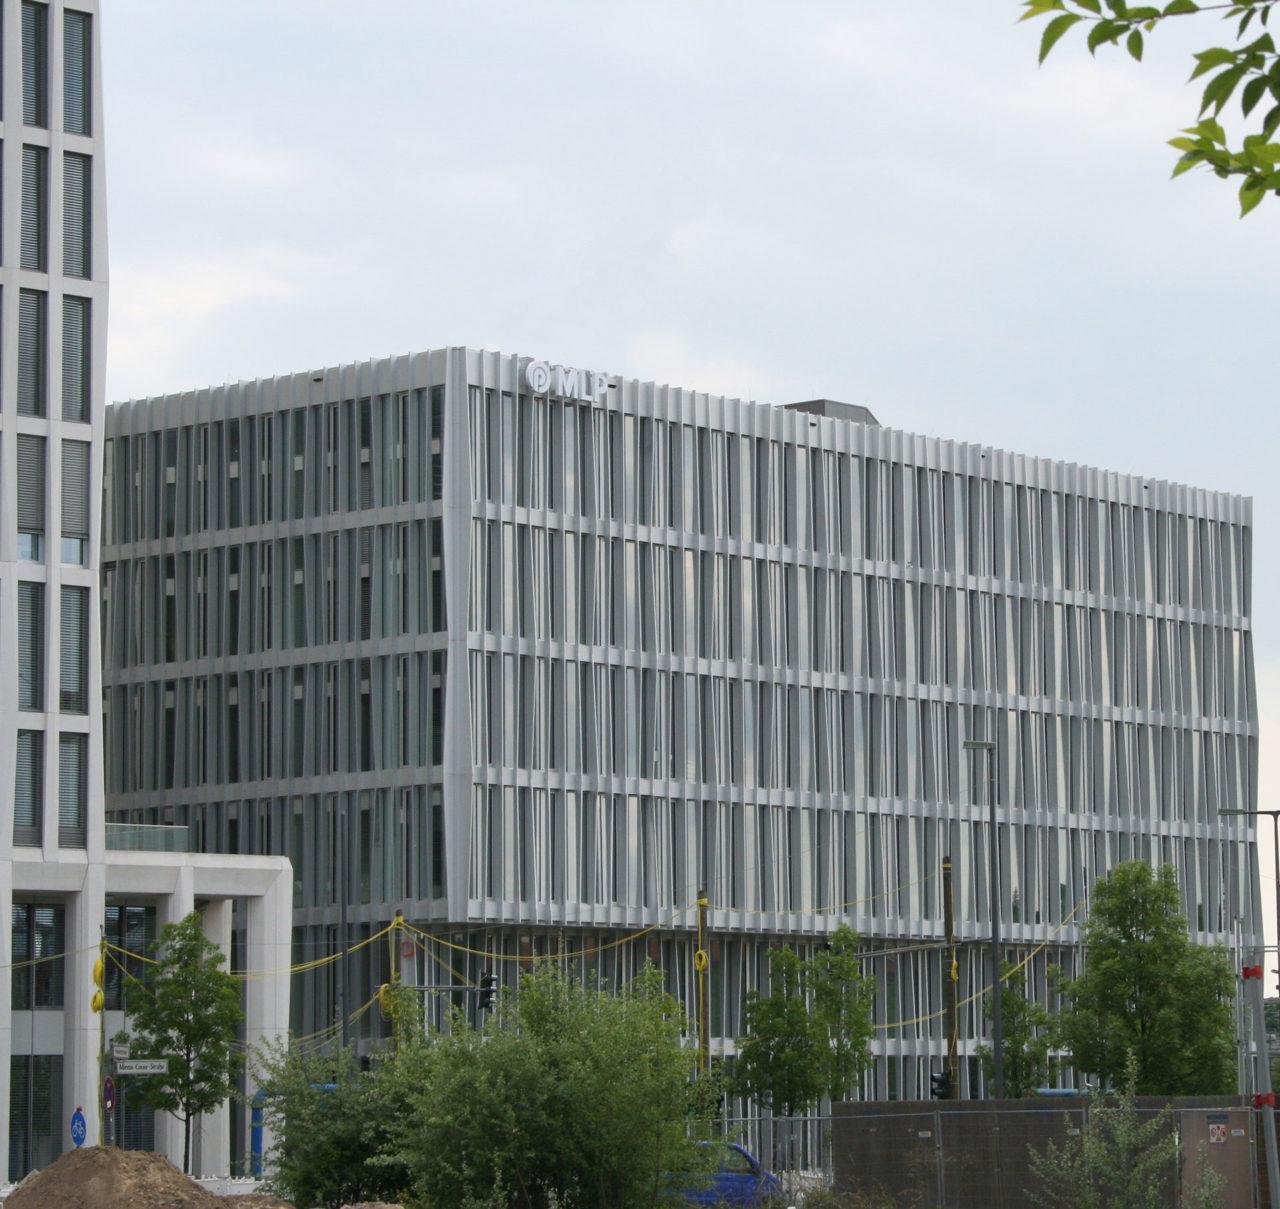 Monnet 4 Berlin